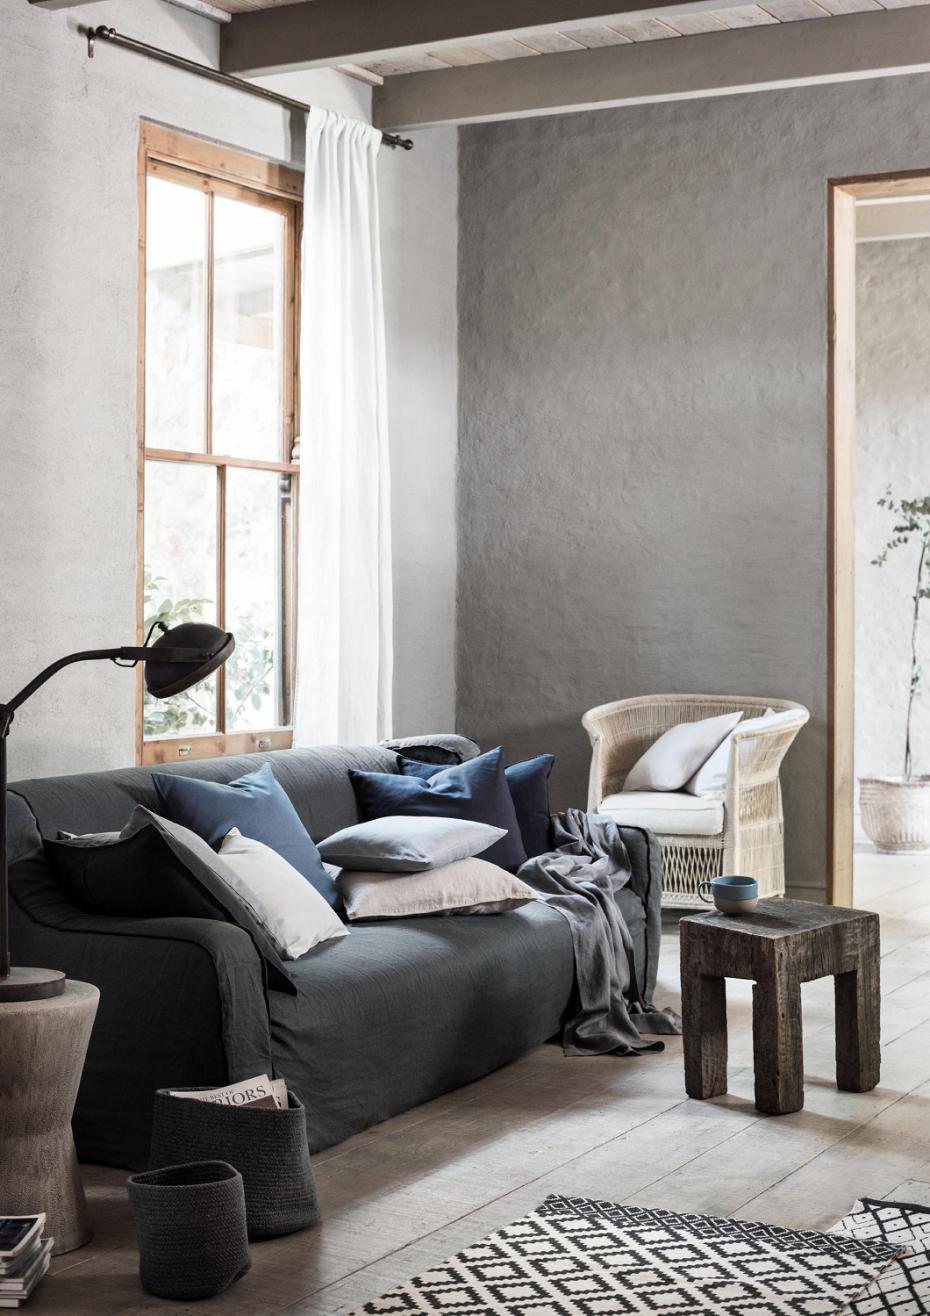 Тренды в дизайне интерьера 2017 дома